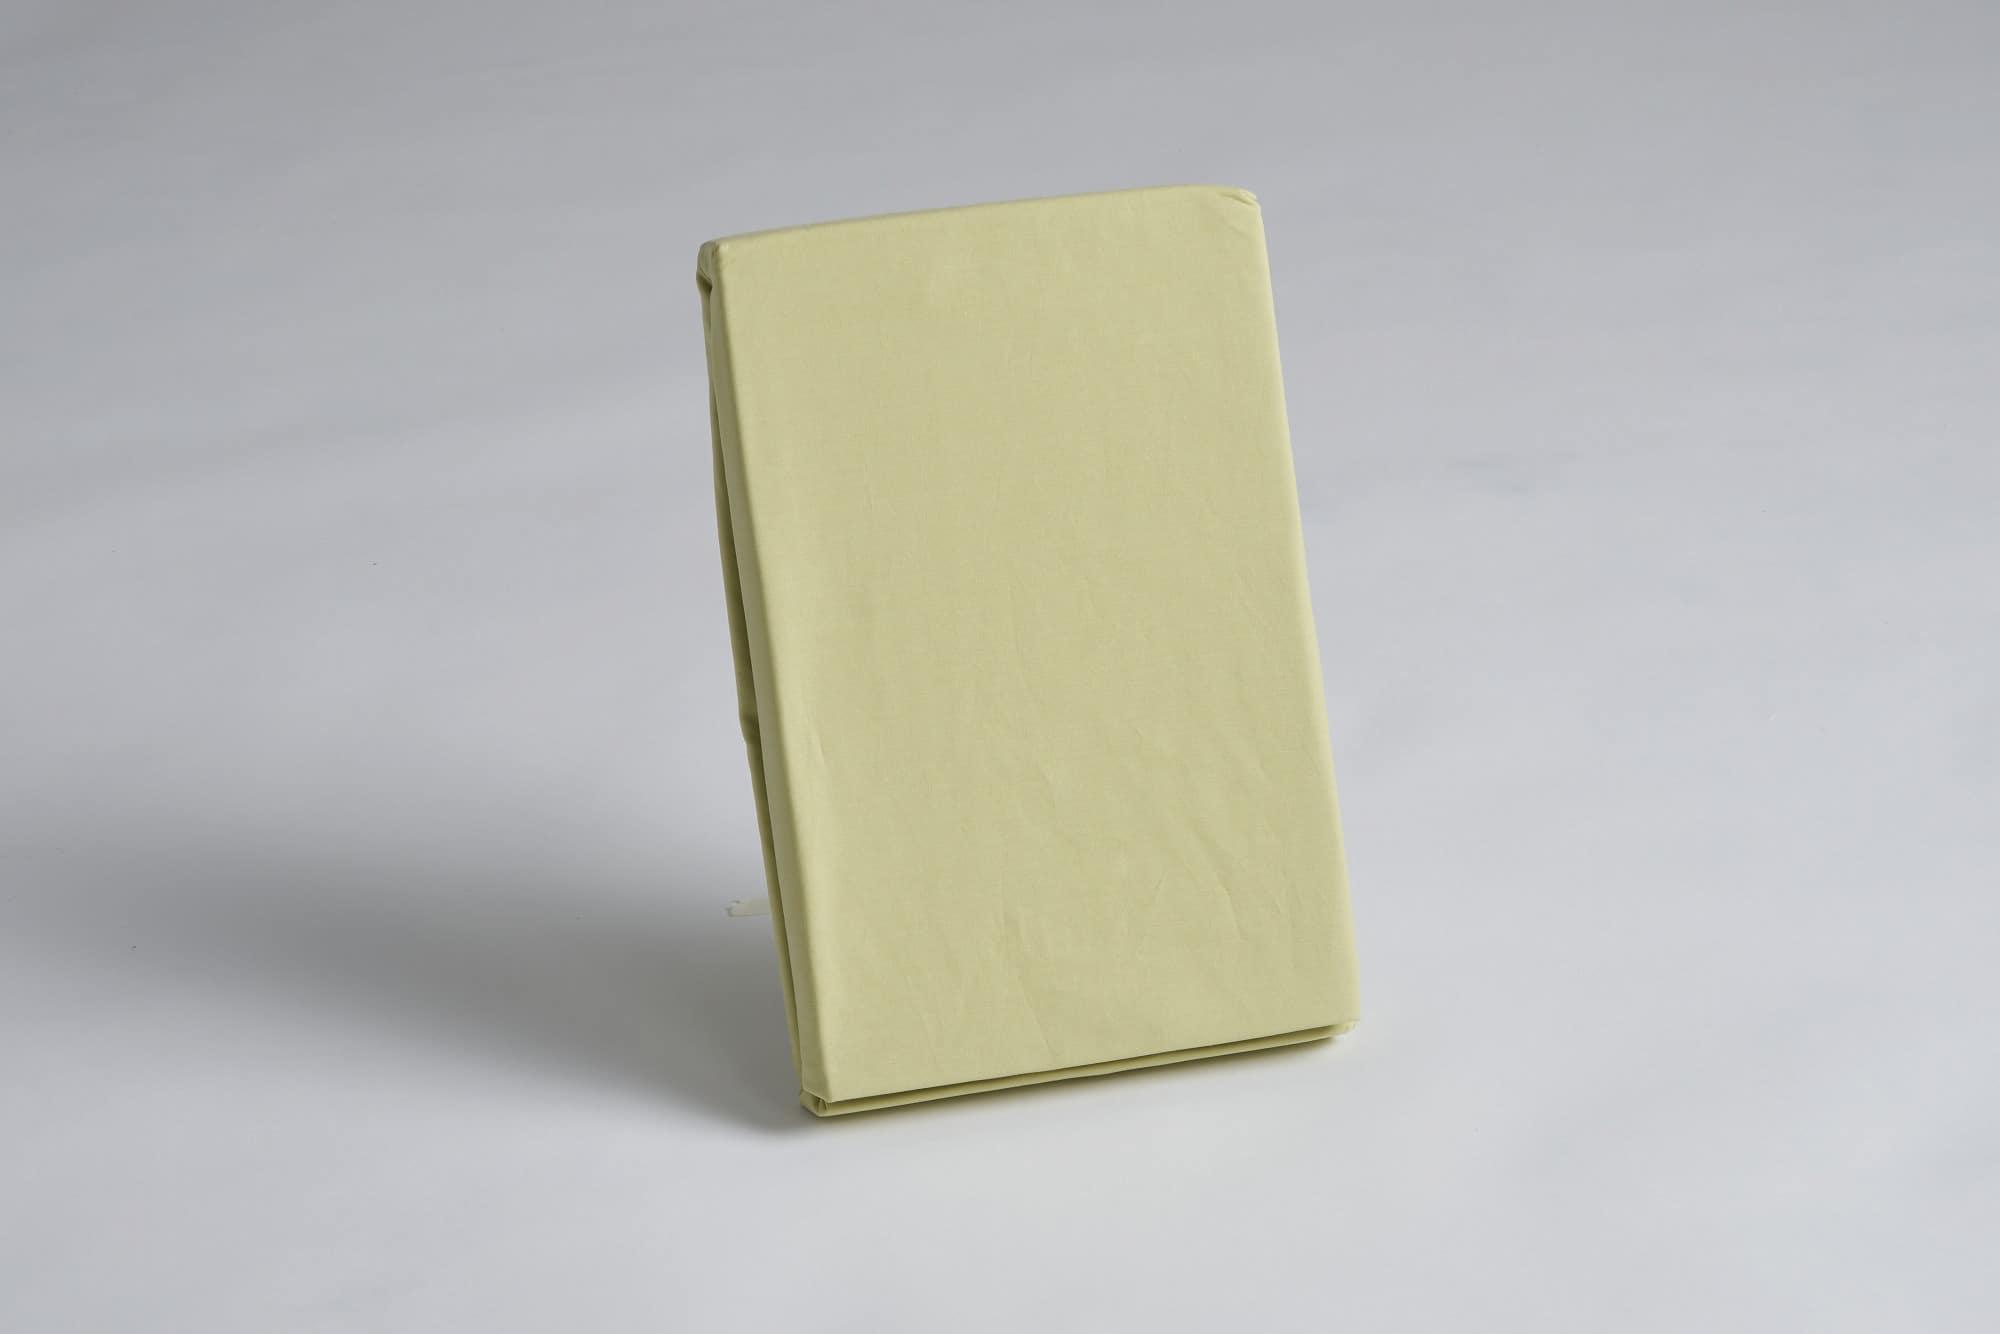 ボックスシーツ セミダブル用 36H グリーン:《綿100%を使用したボックスシーツ》